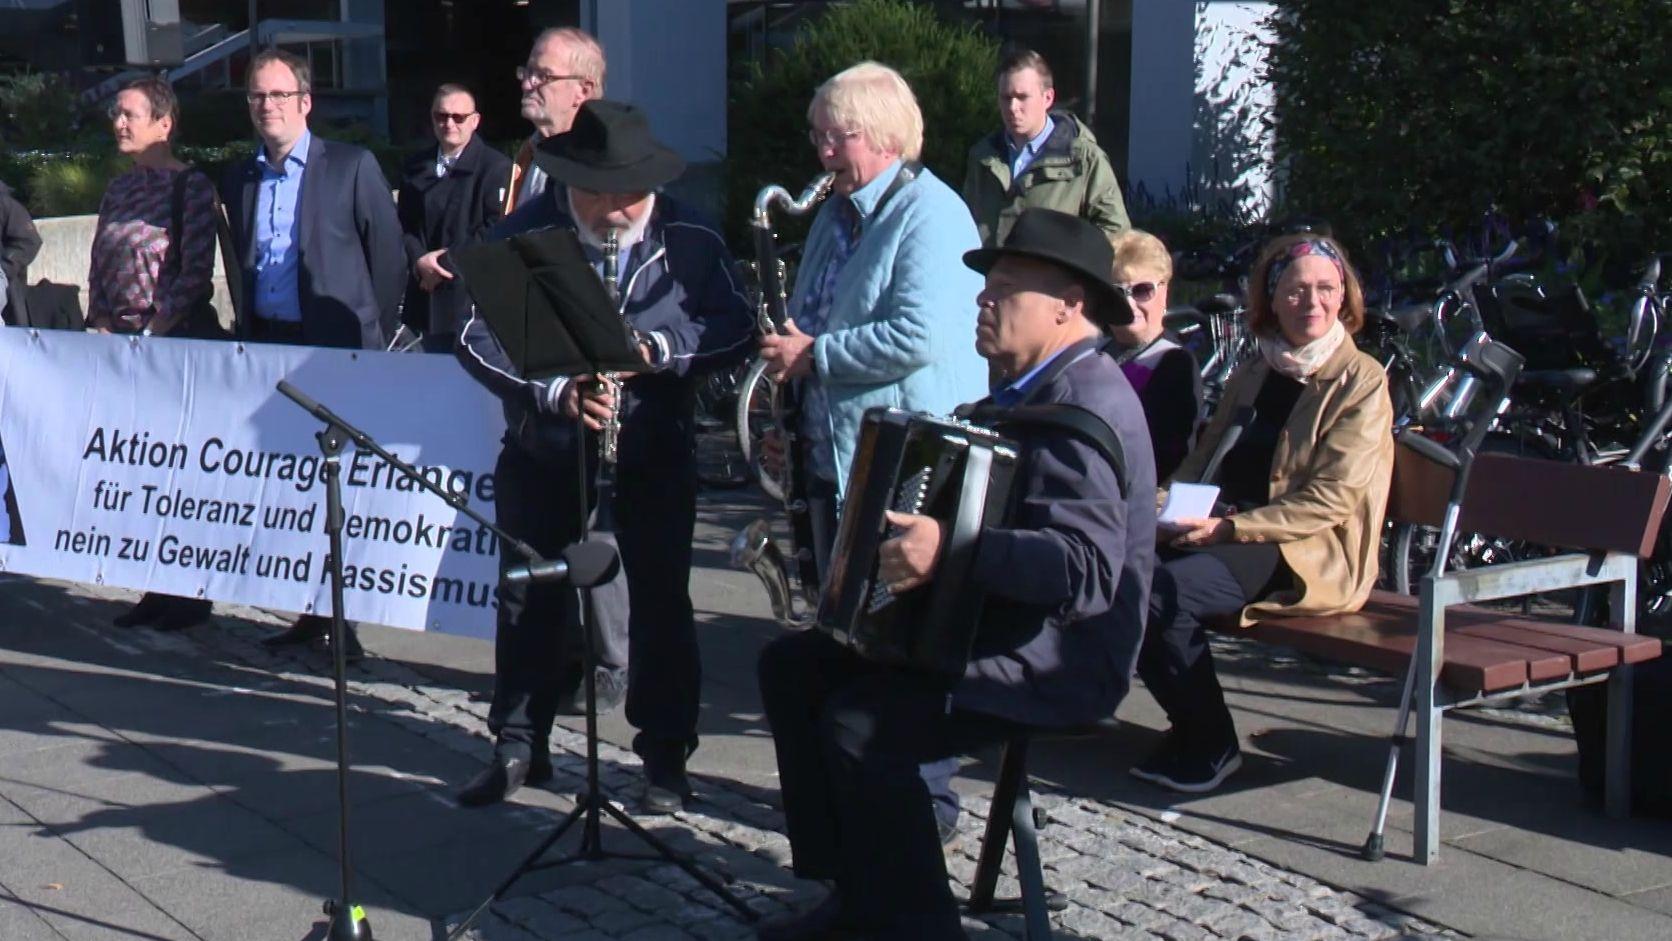 Kundgebung gegen Rechts in Erlangen.